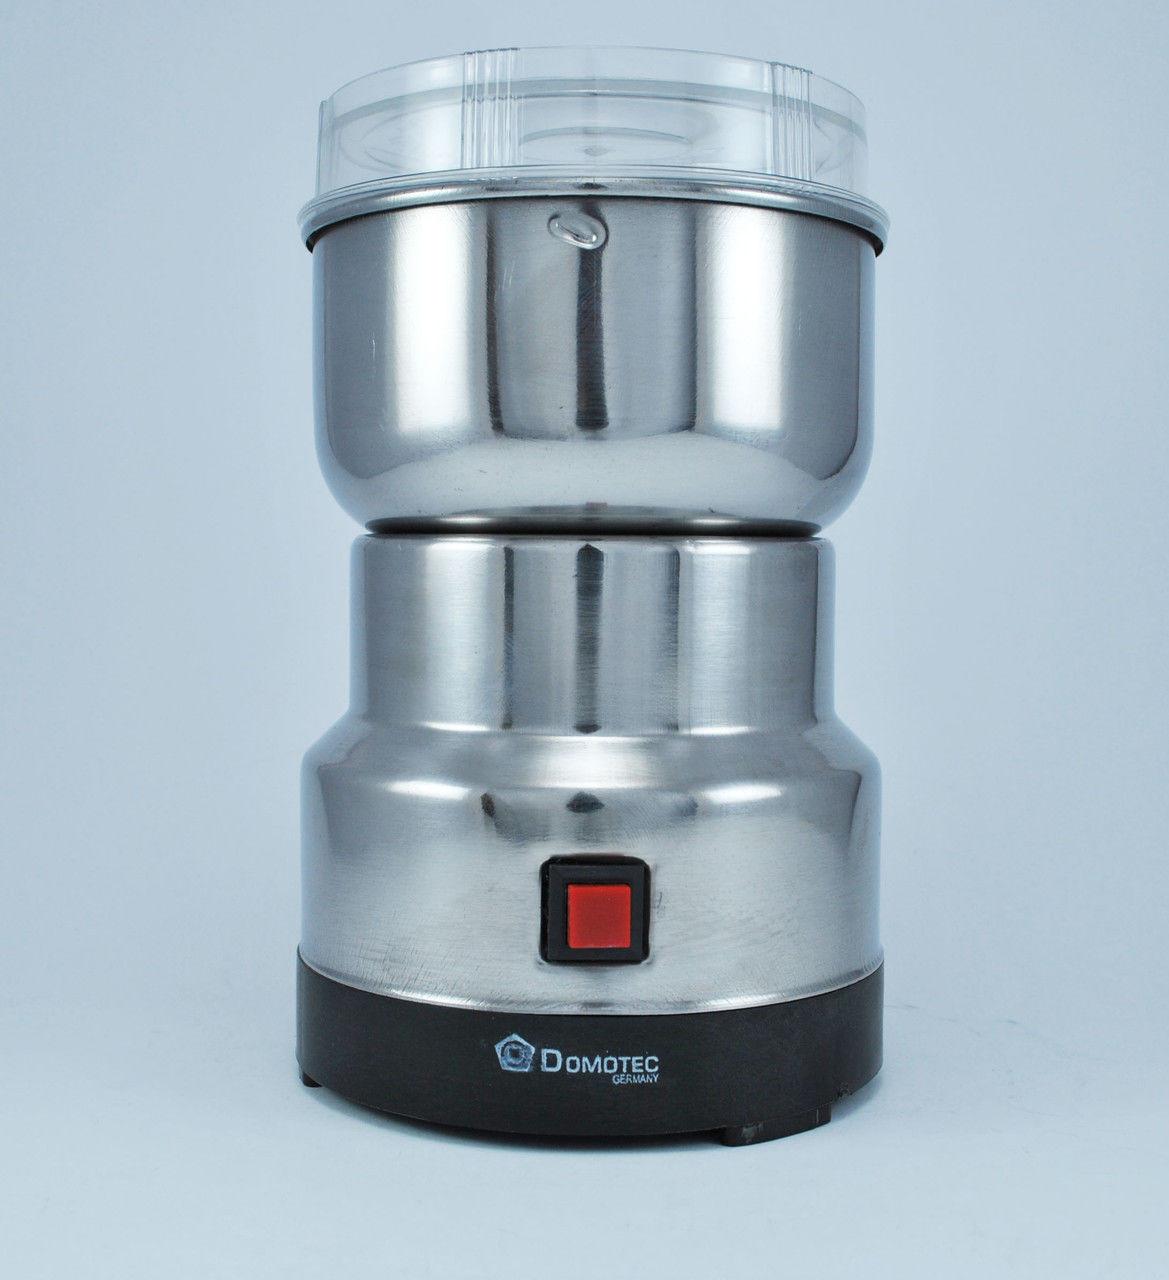 Кофемолка Domotec DT 1005 180W № 2